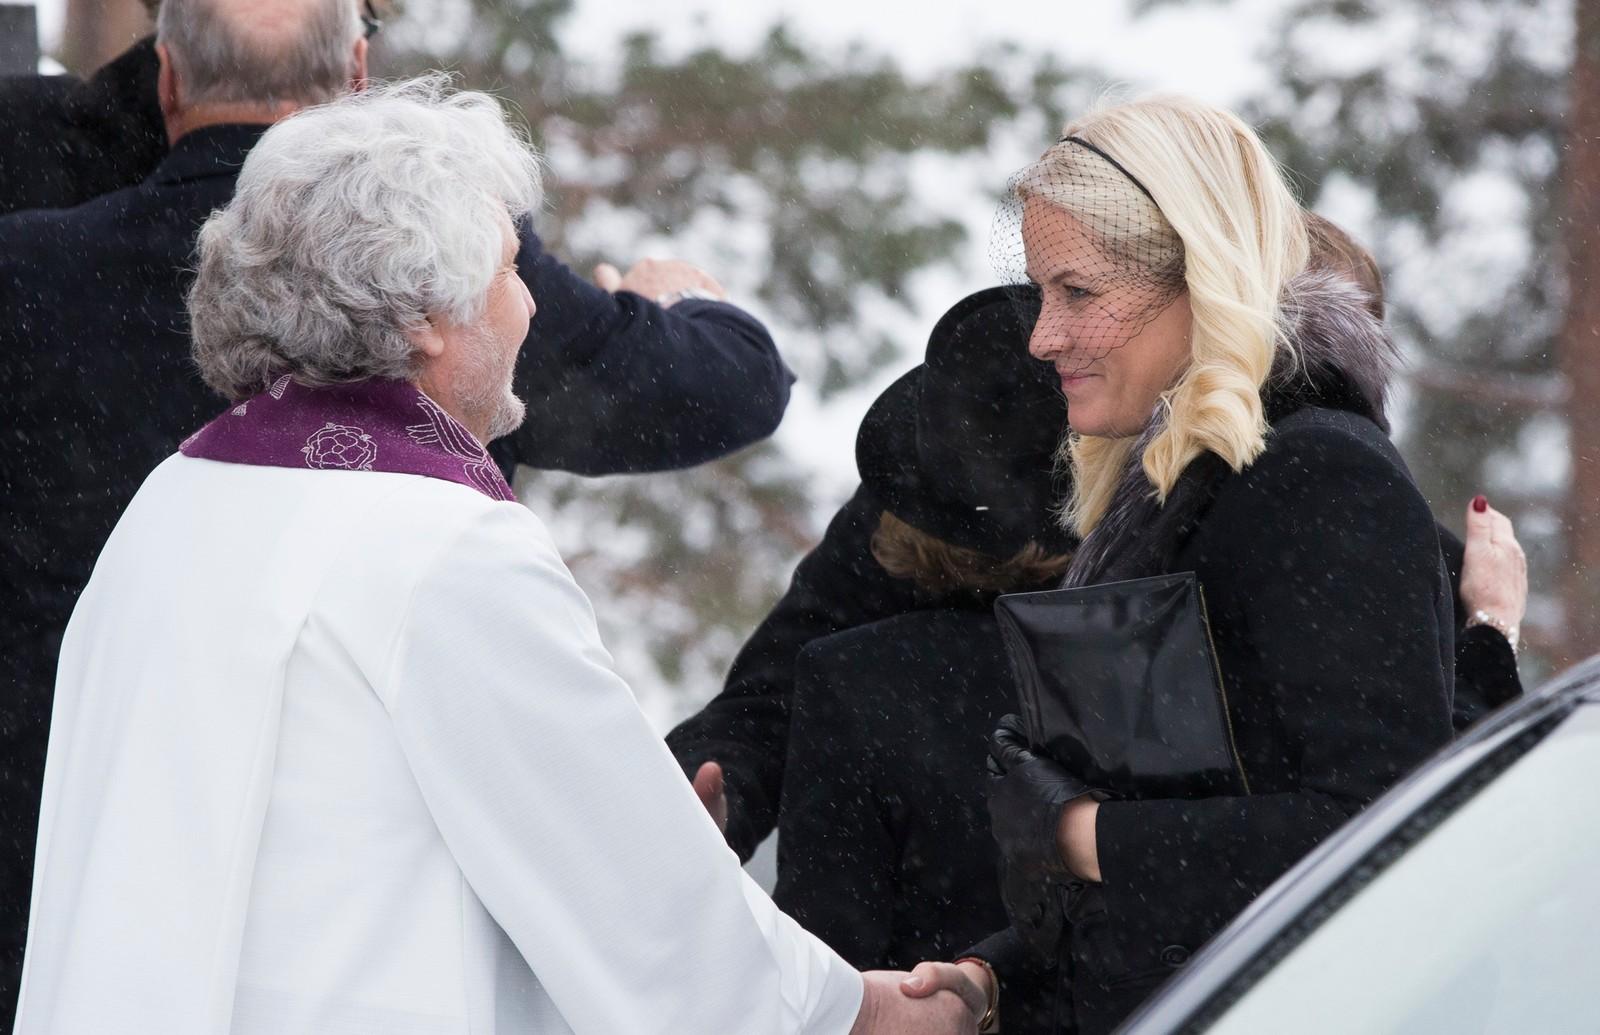 Kronprinsesse Mette-Marit blir tatt imot av sogneprest Jan-Erik Heffermehl ved ankommer Holmenkollen kapell der Johan Martin Ferner bisettes mandag. Foto: Berit Roald / NTB scanpix